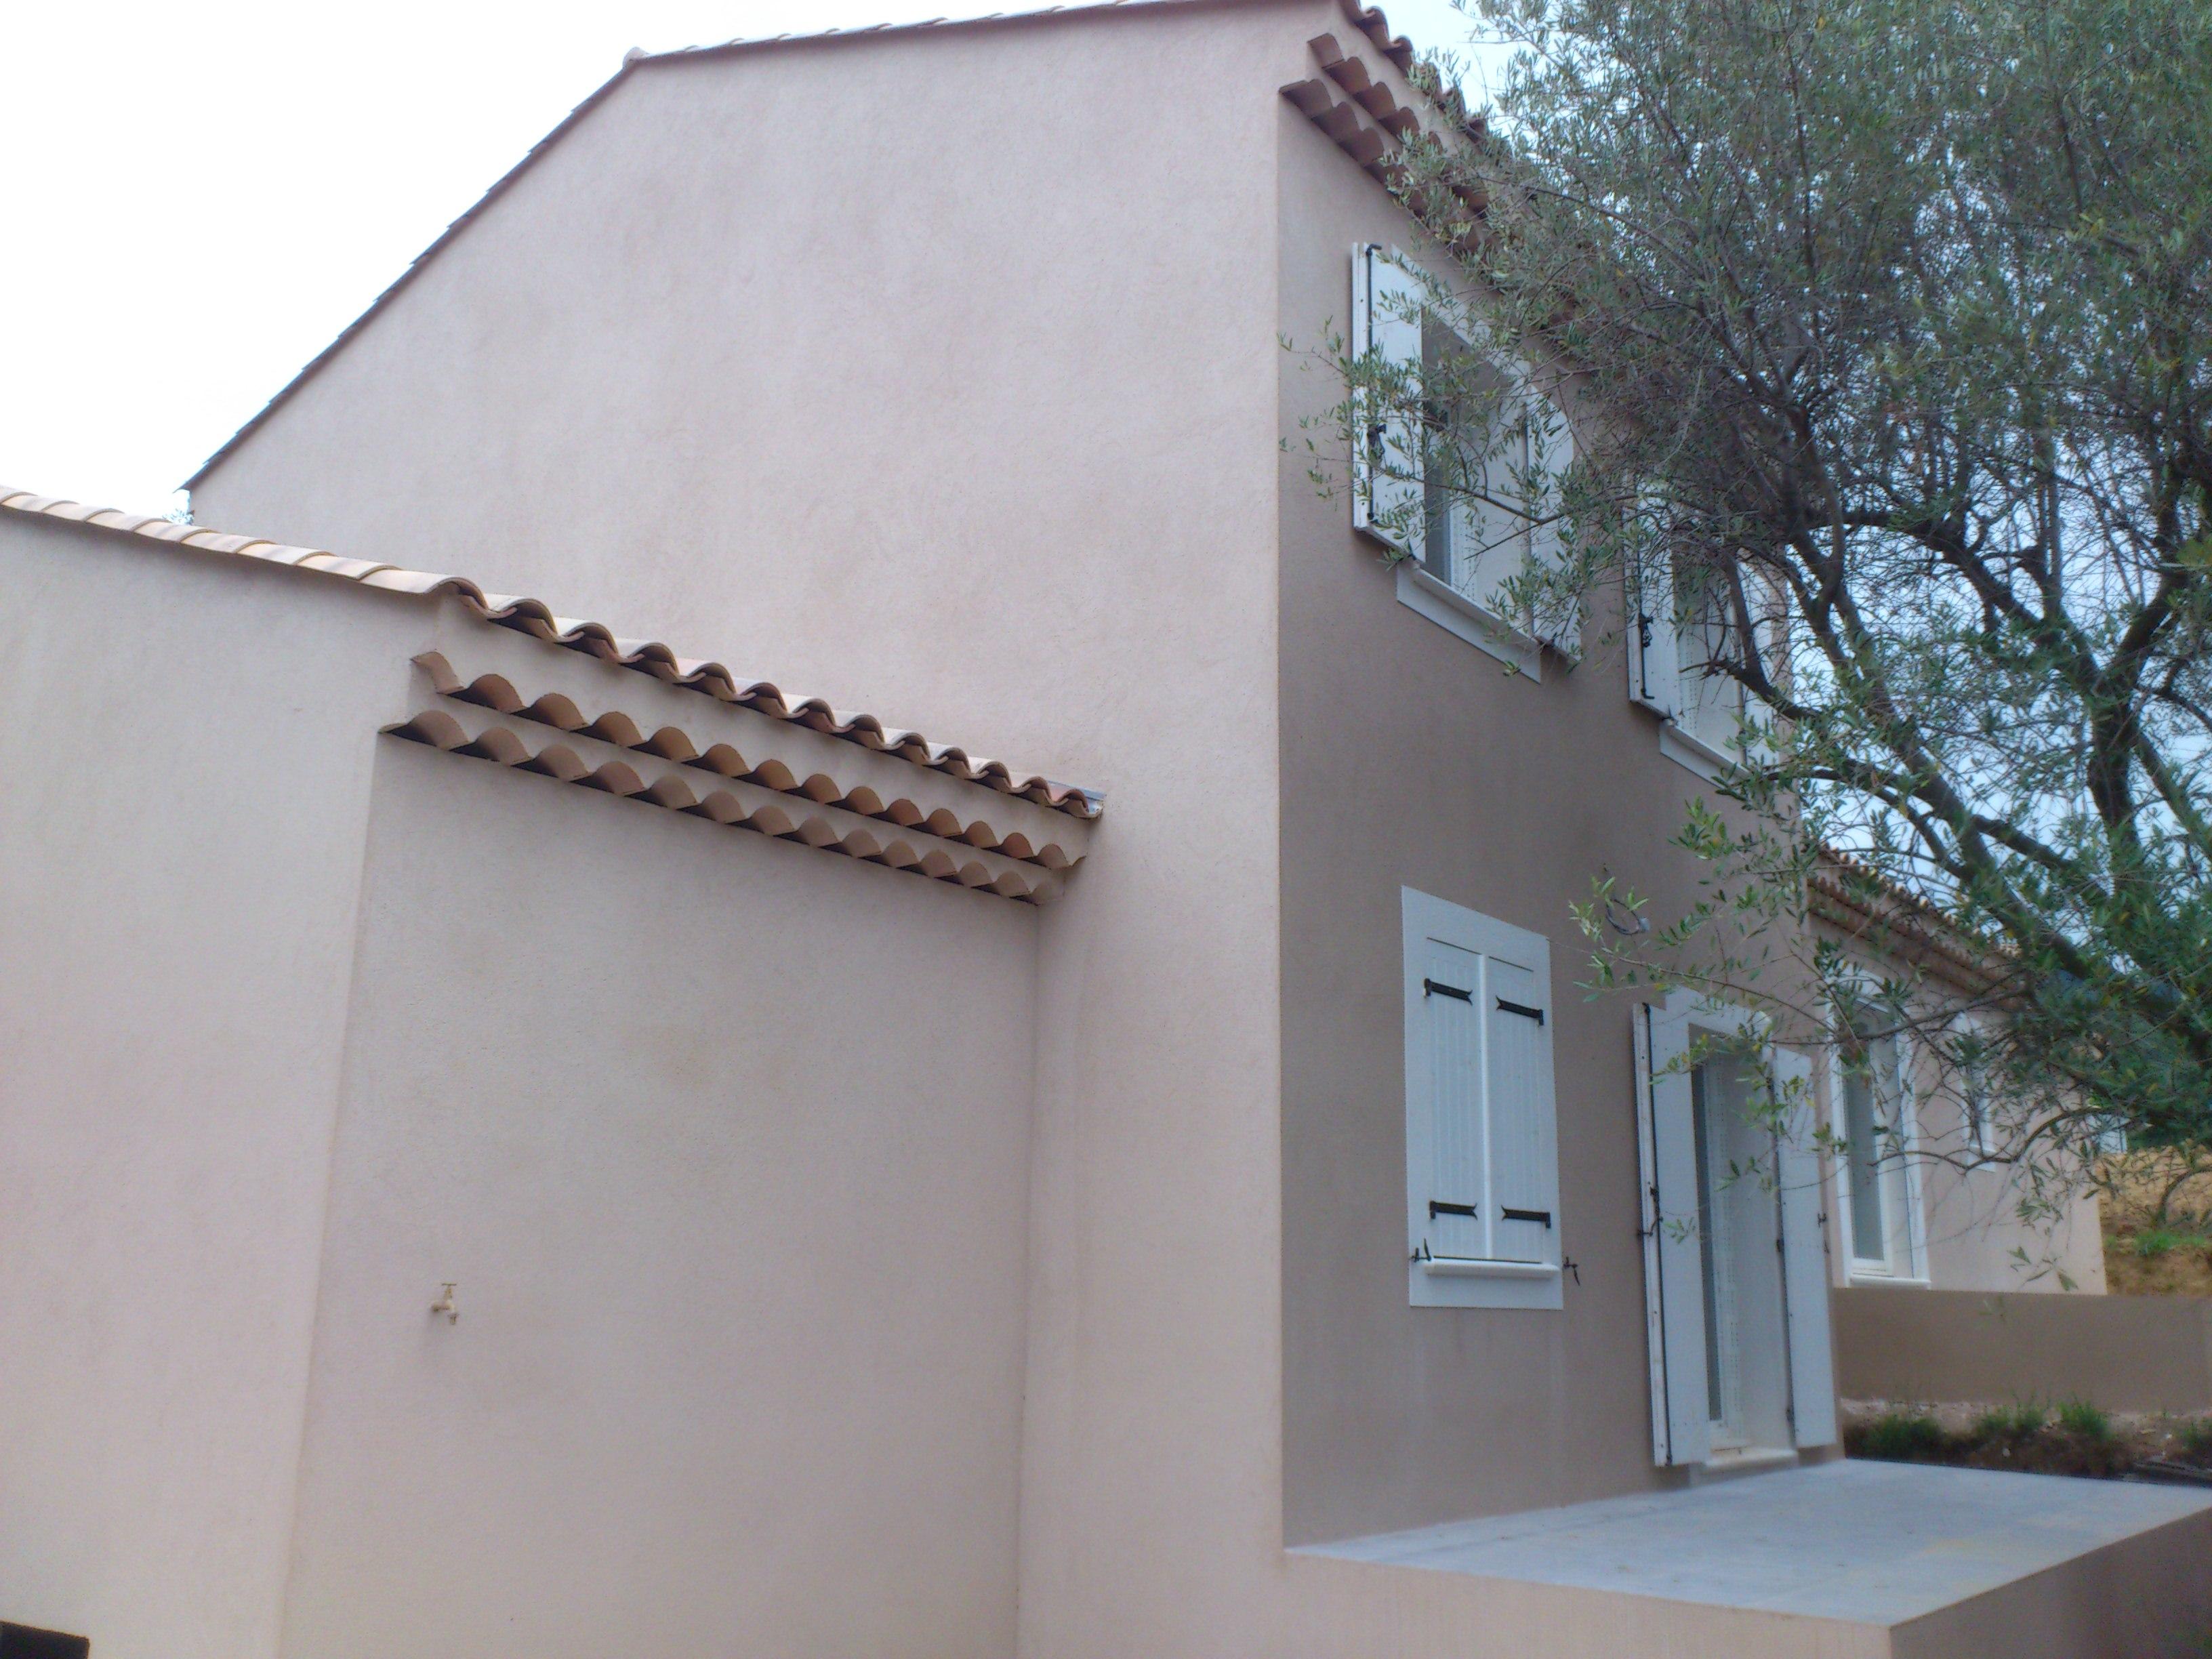 Maisons + Terrains du constructeur VILLADIRECT LE PONTET • 80 m² • MORMOIRON